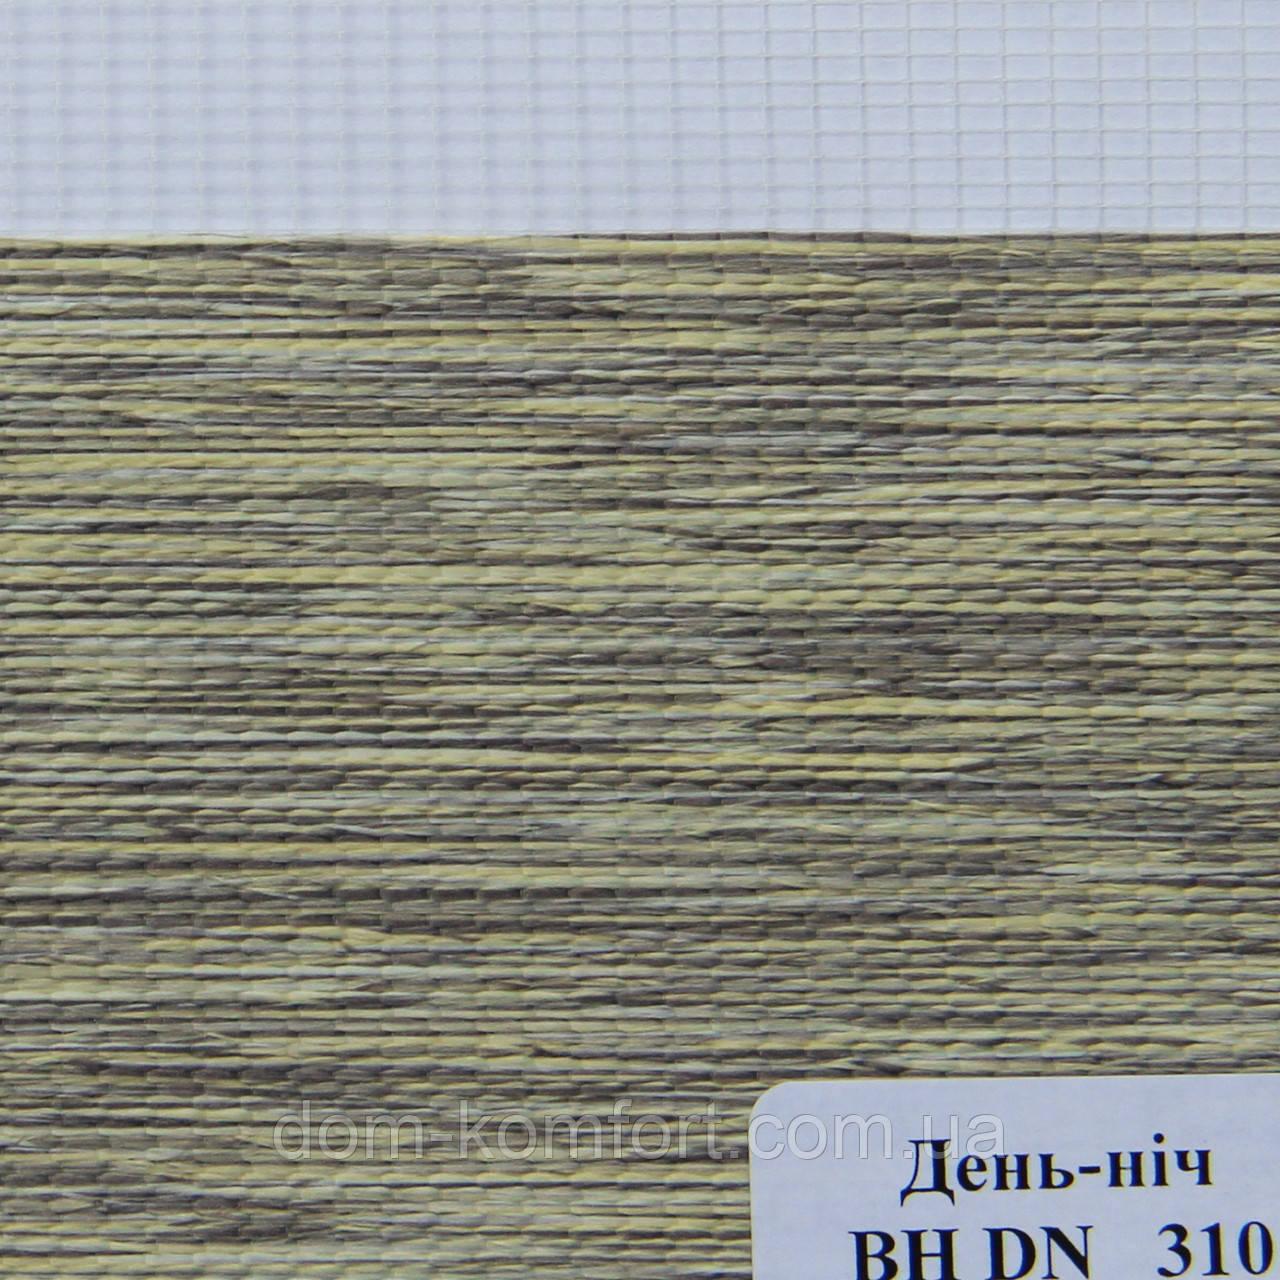 Рулонные шторы День Ночь Ткань Лагуна ВН DN 310 Хаки